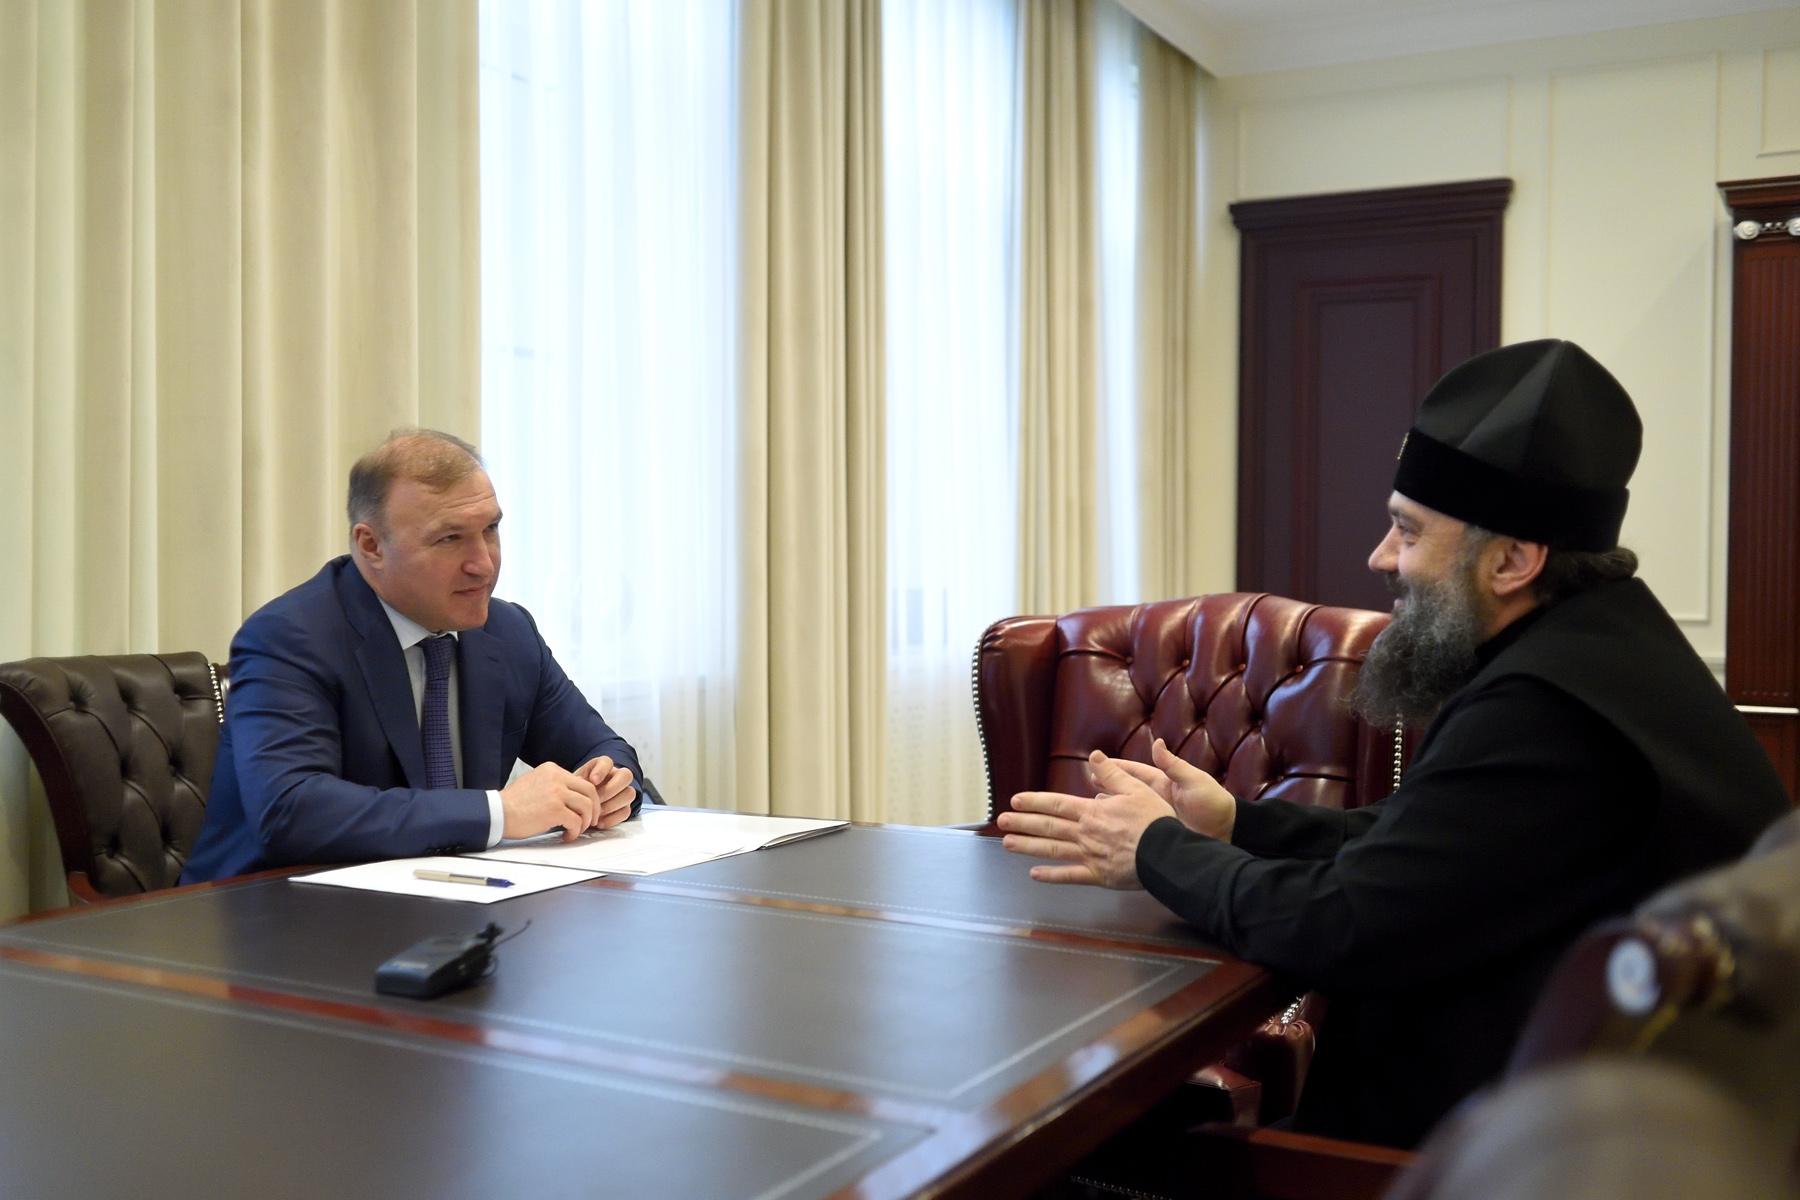 Глава Адыгеи и Владыка Тихон обсудили вопросы укрепления межконфессионального согласия в регионе